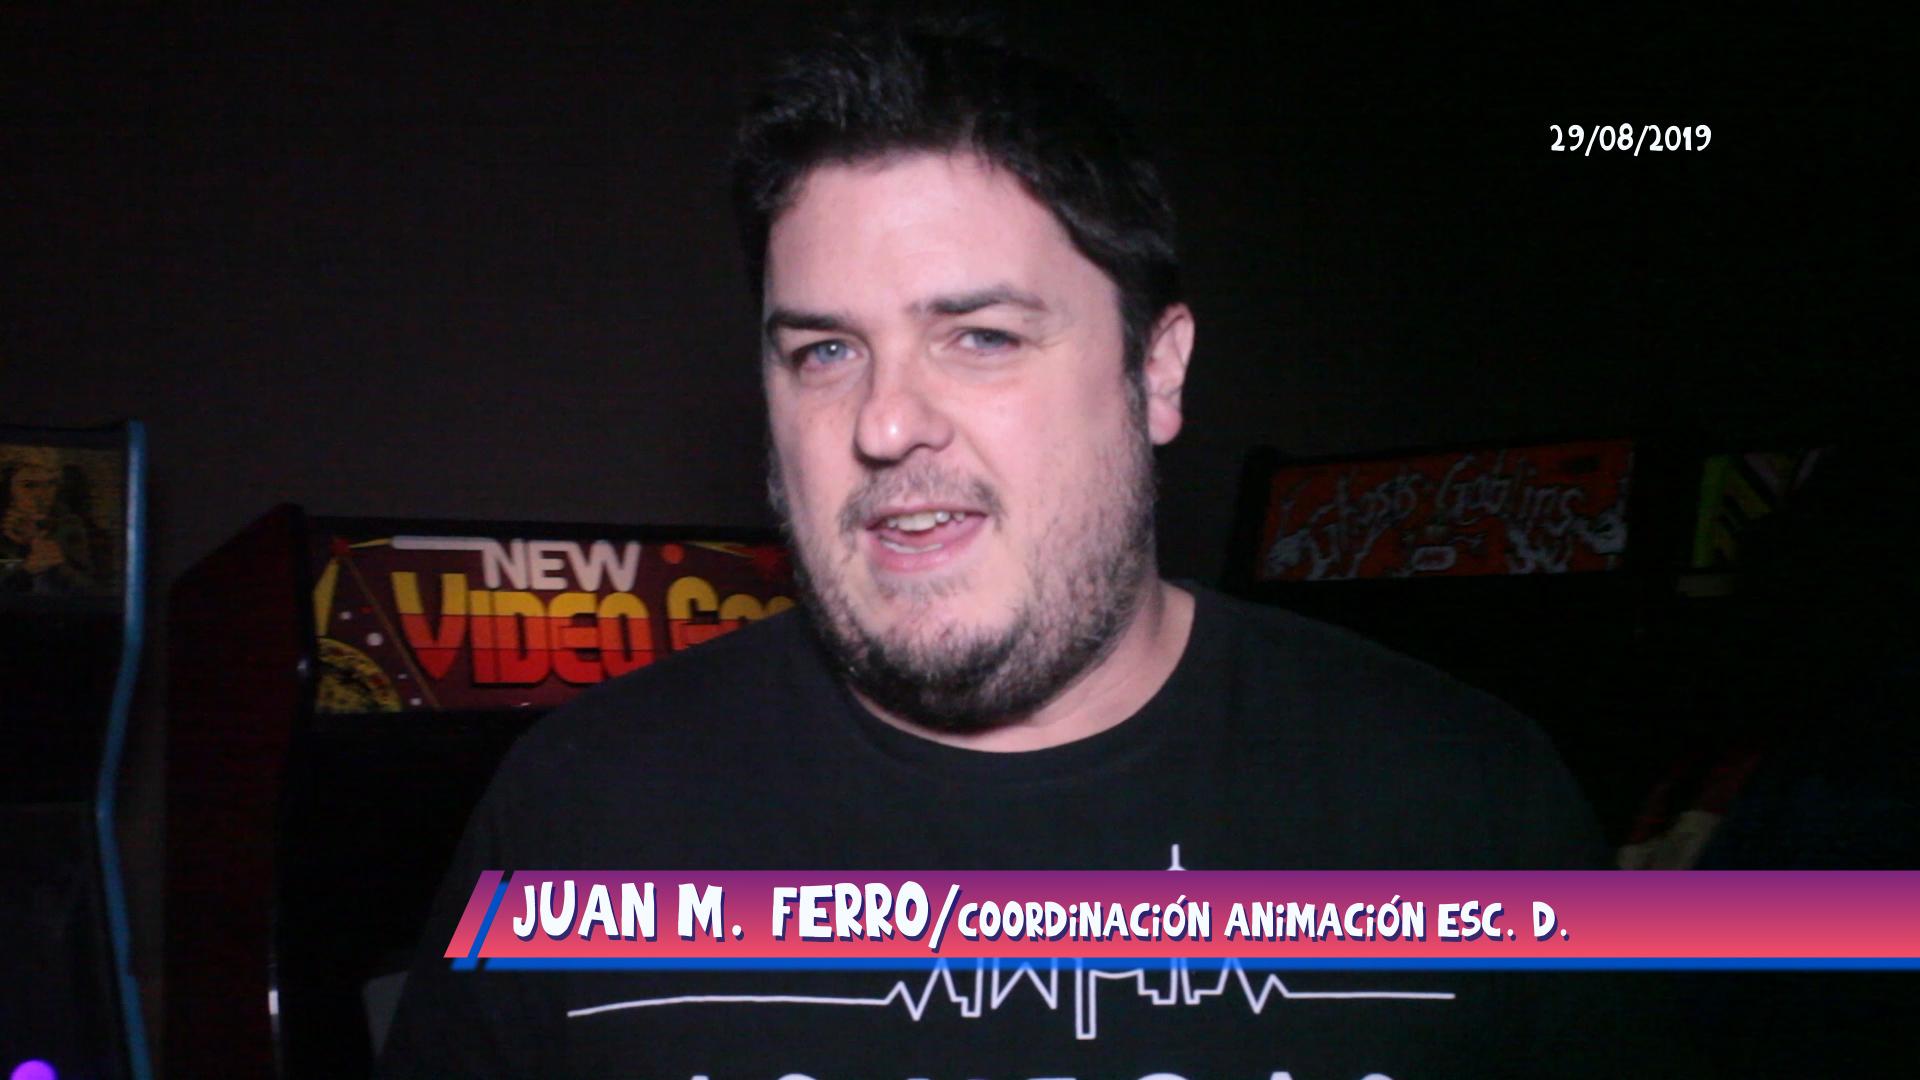 JUAN MANUEL FERRO